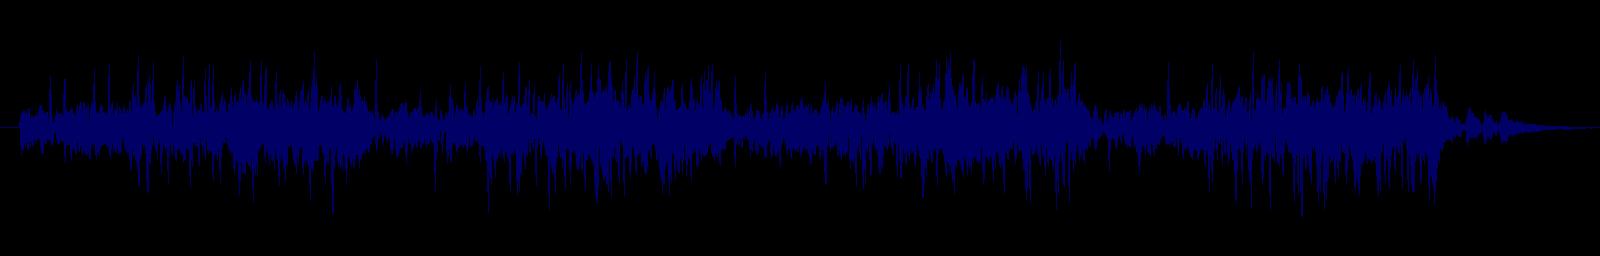 waveform of track #122913